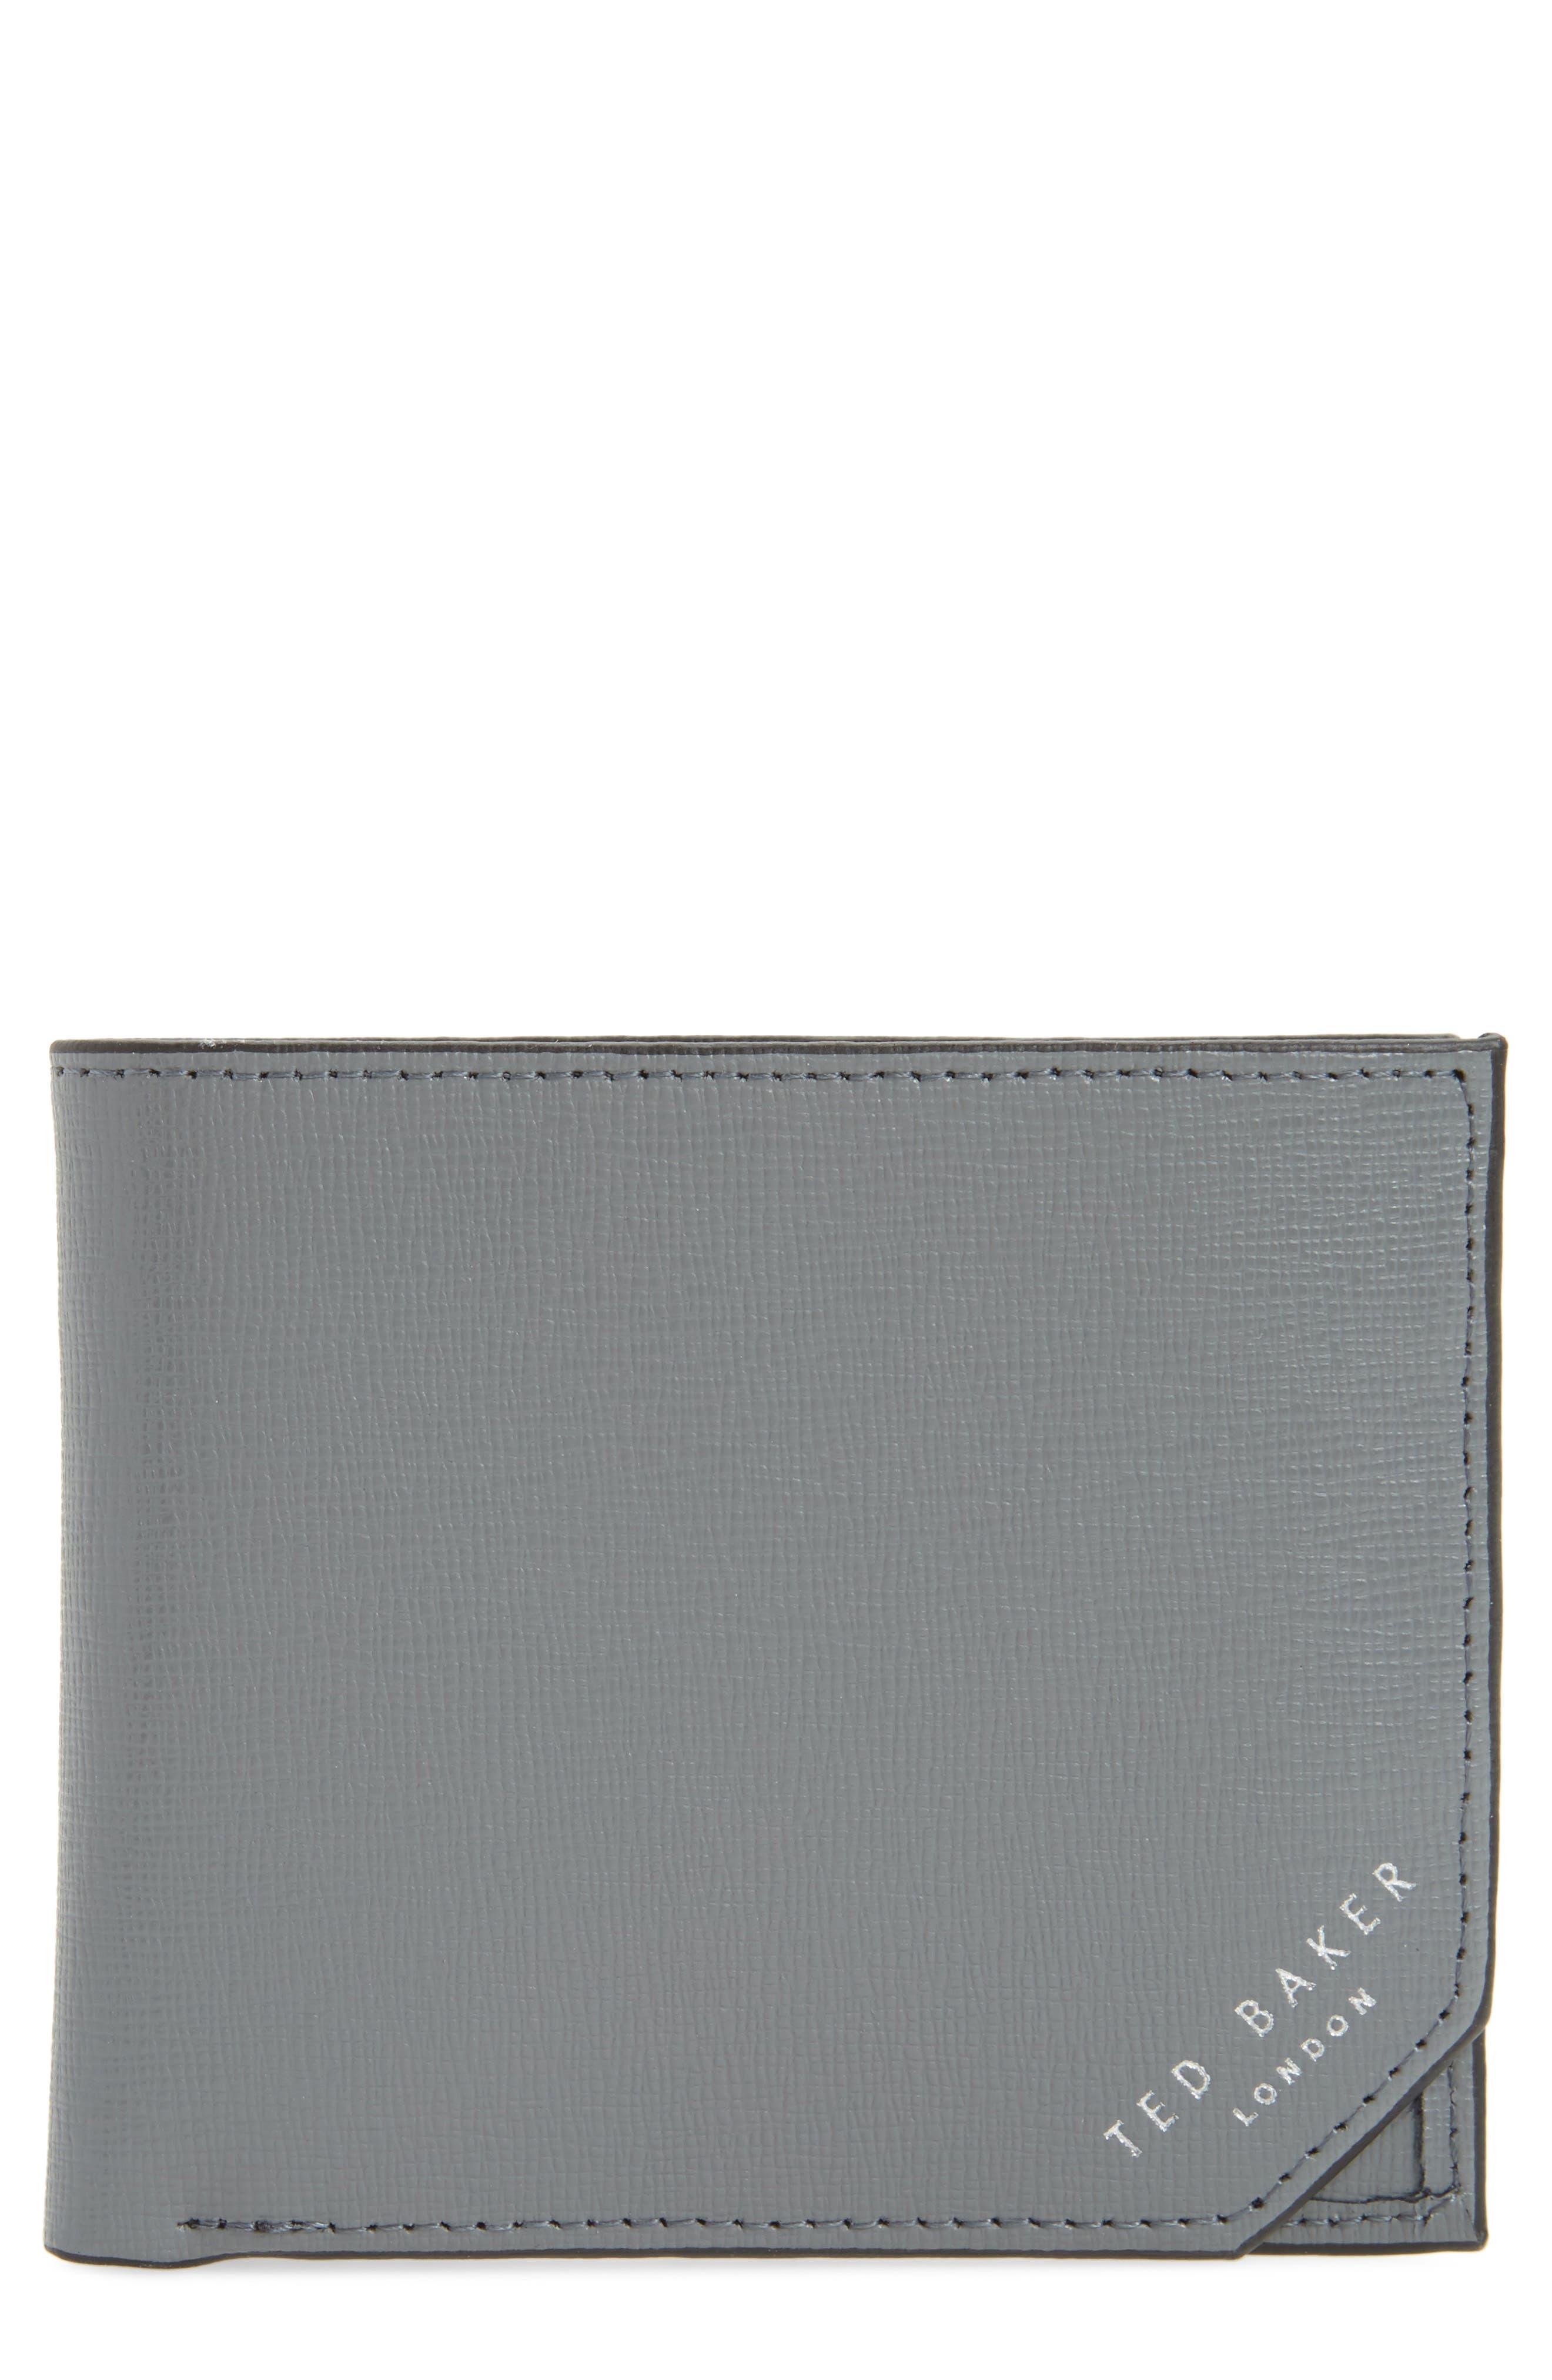 Stitchup Bifold Wallet,                             Main thumbnail 2, color,